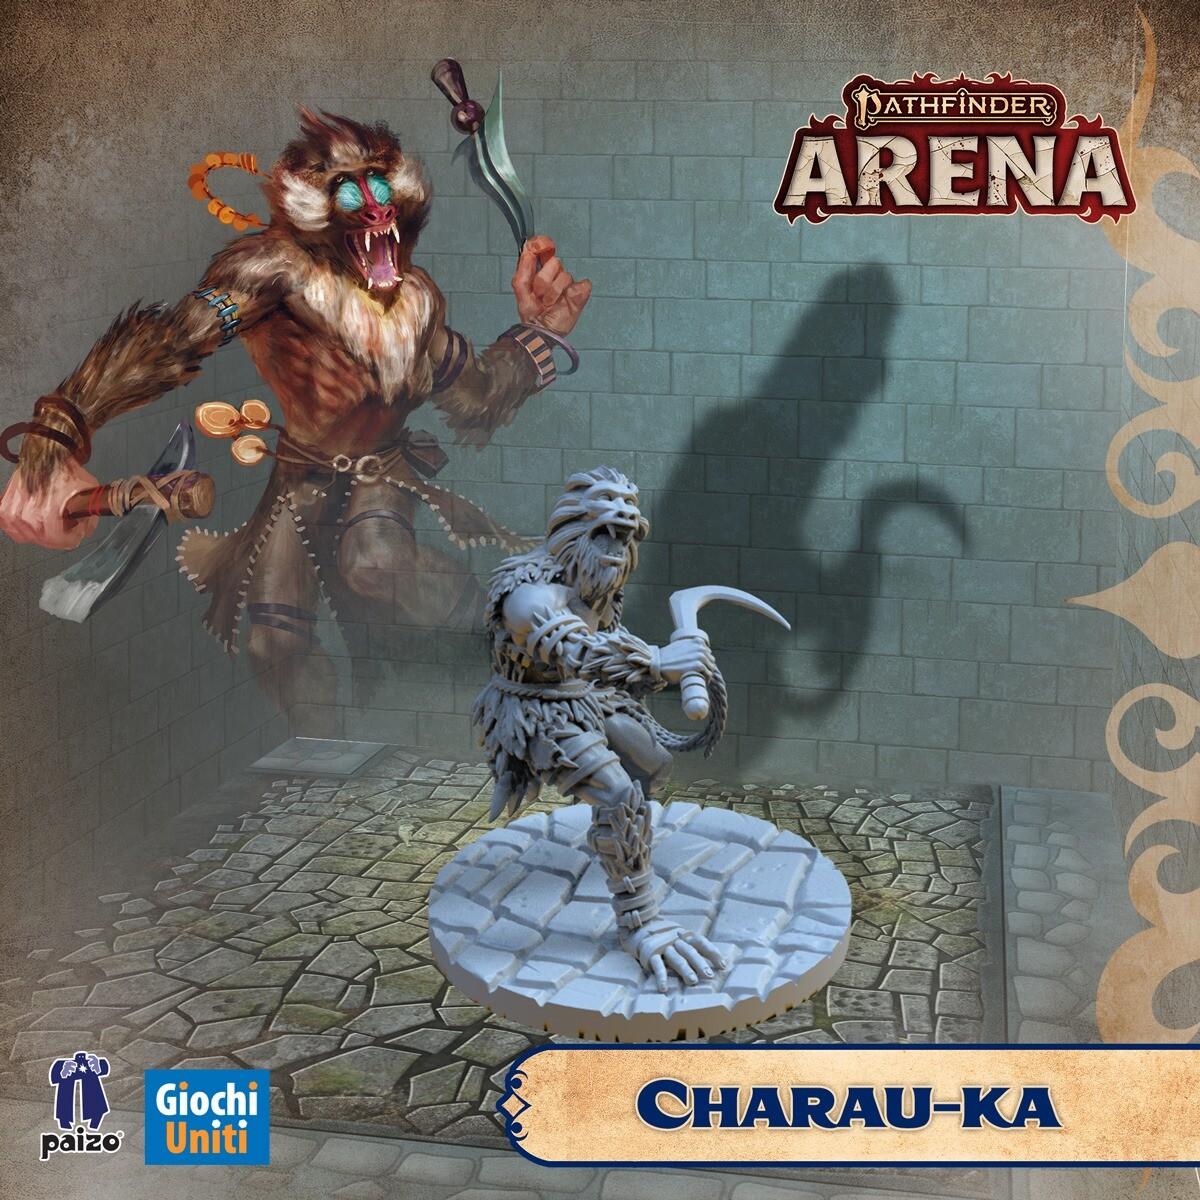 Charau-ka